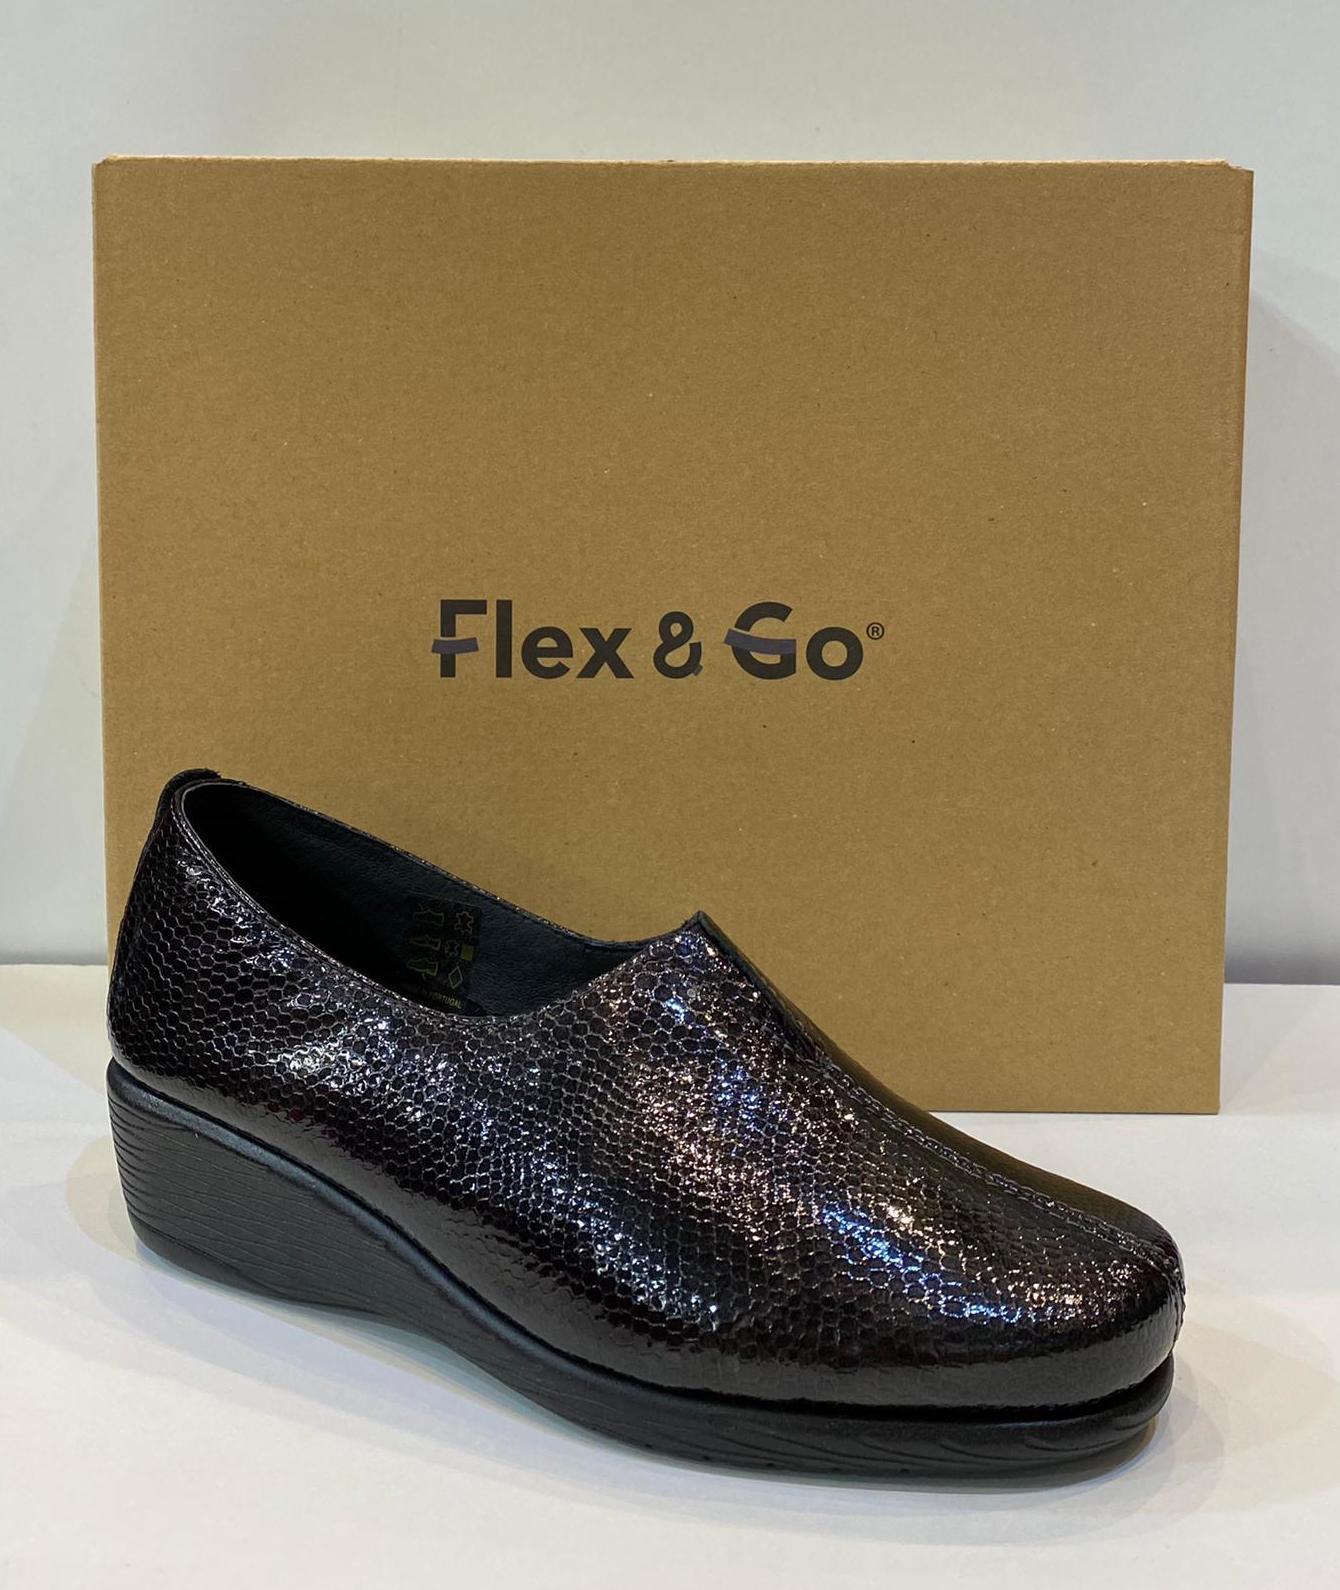 Mocasí de dona, de la marca Flex&Go, ample especial, plantilla de làtex i sola de làtex 65€